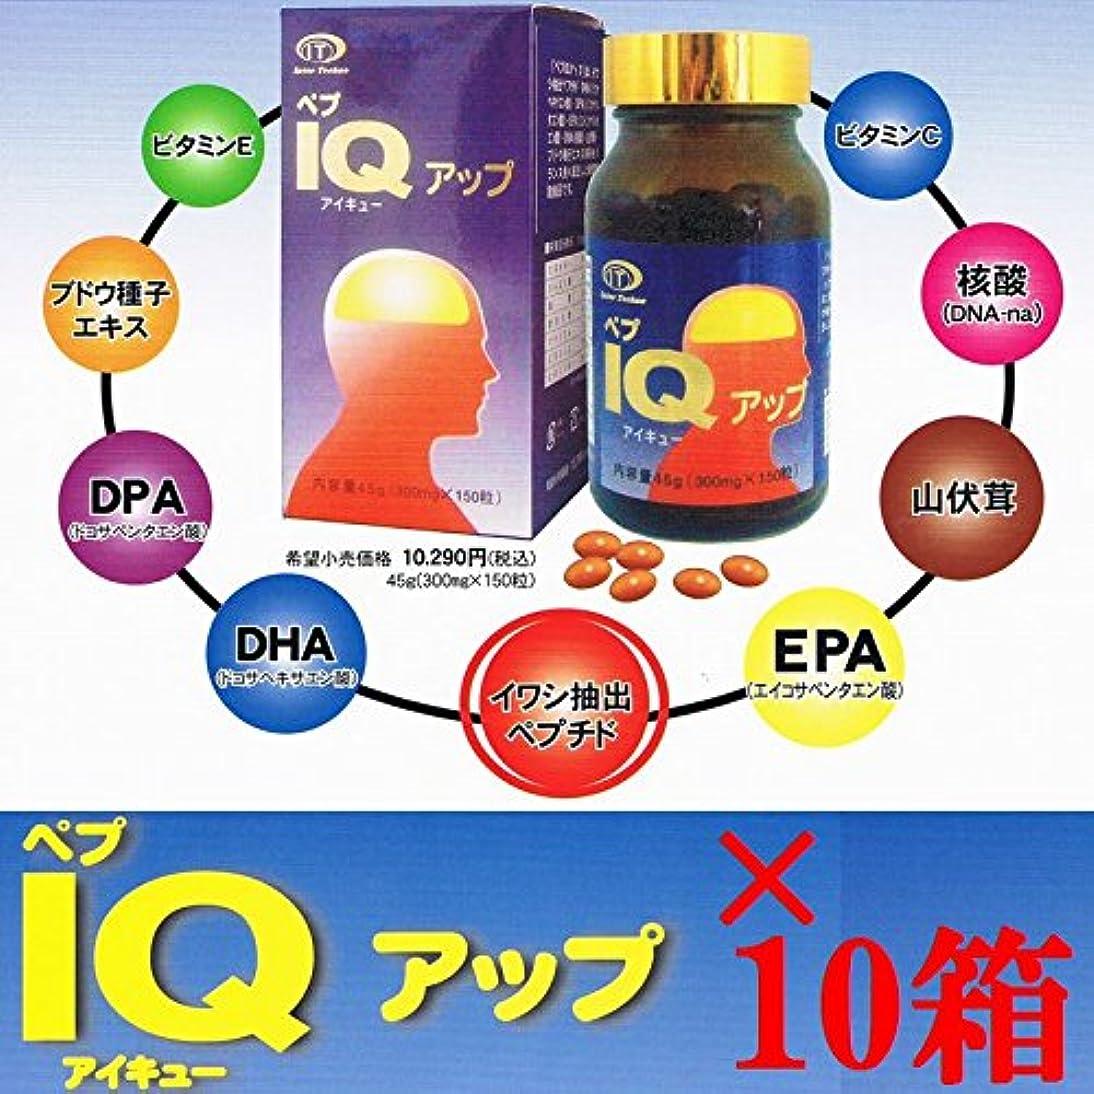 病院理由展開するペプIQアップ 150粒 ×超お得10箱セット 《記憶?思考、DHA、EPA》